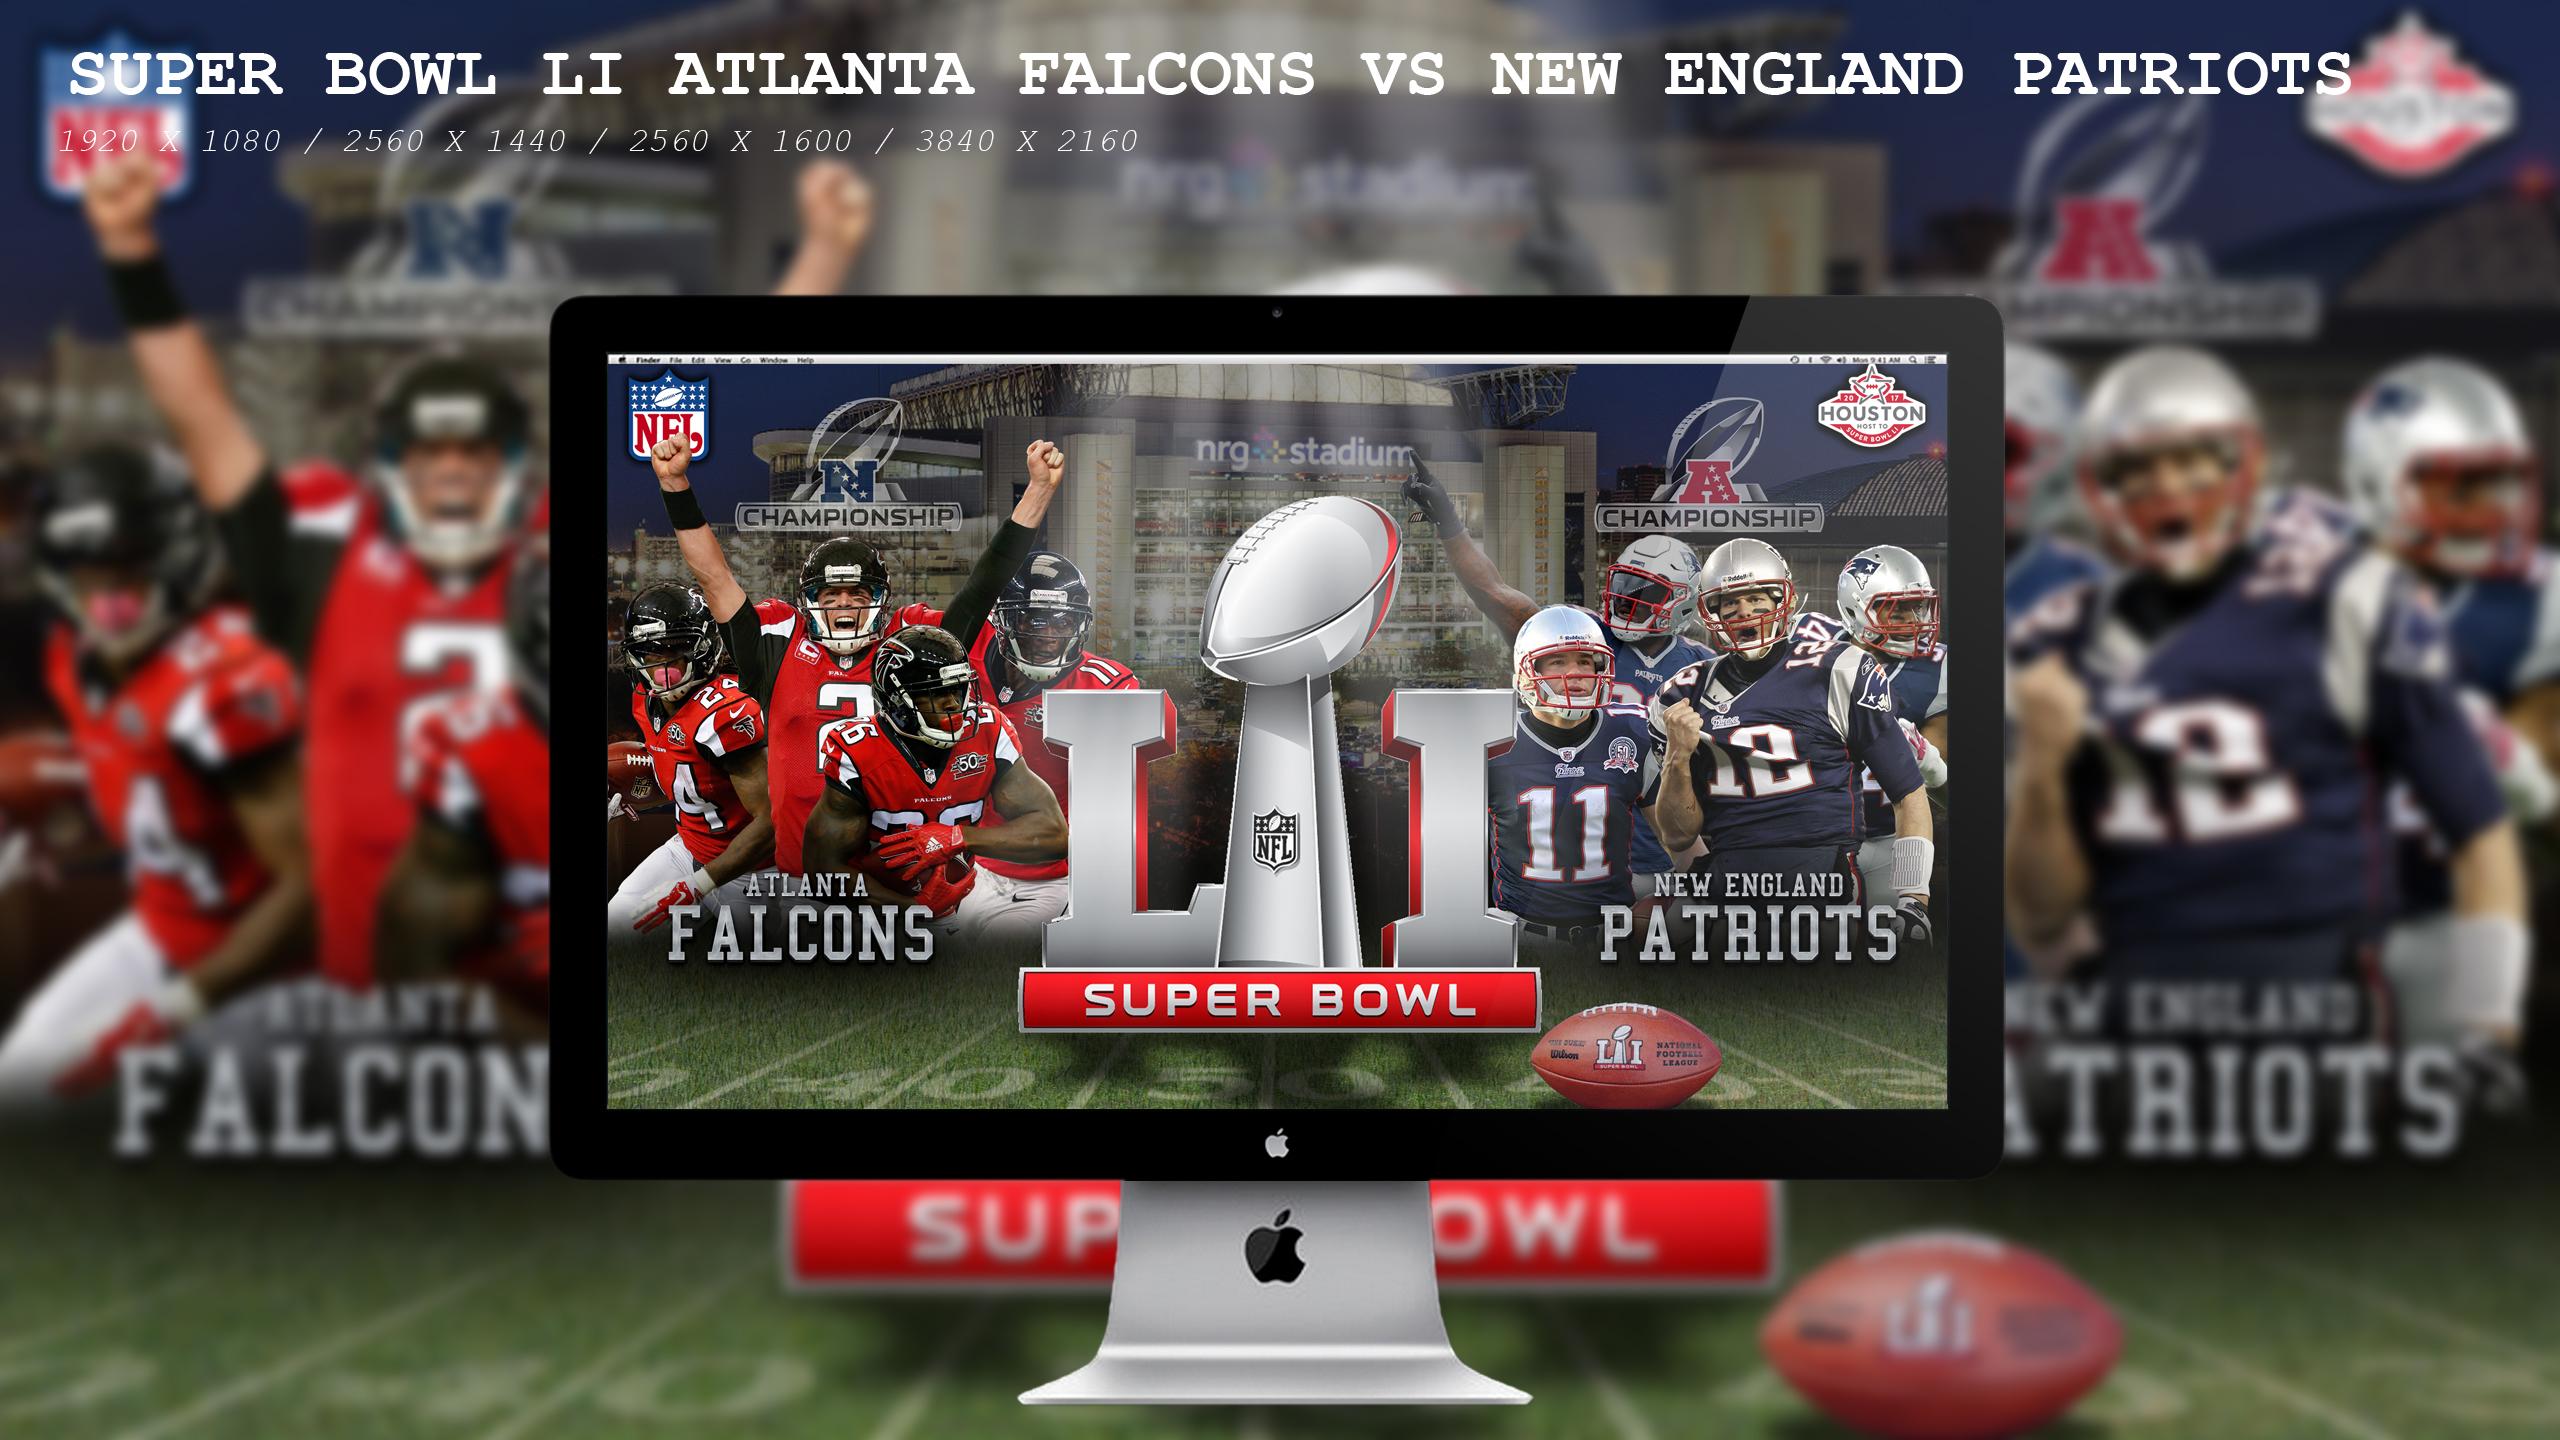 ... Super Bowl LI Falcons Vs Patriots by BeAware8